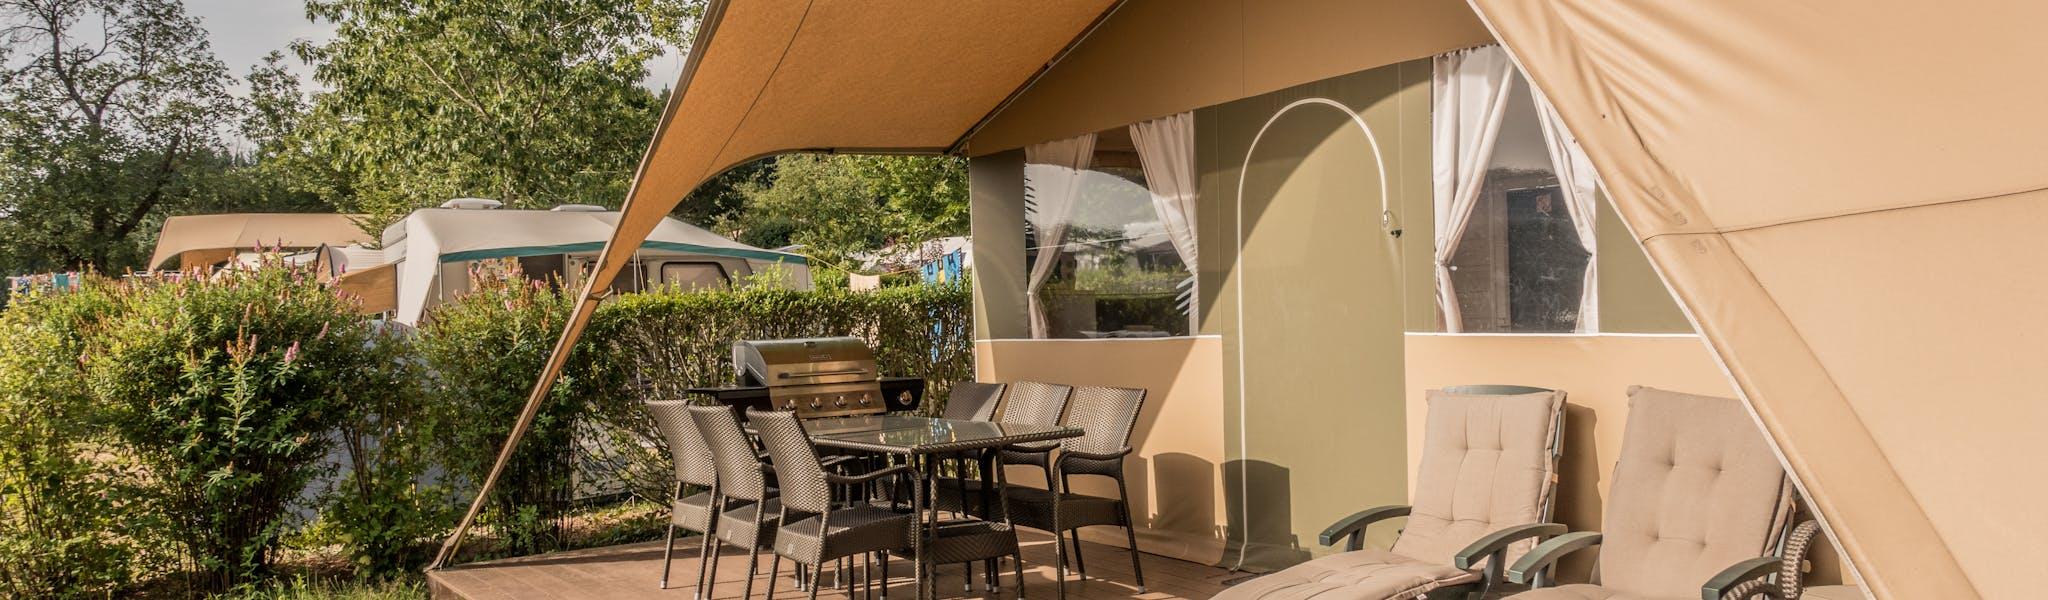 Grand Lodgetent Rent-a-Tent